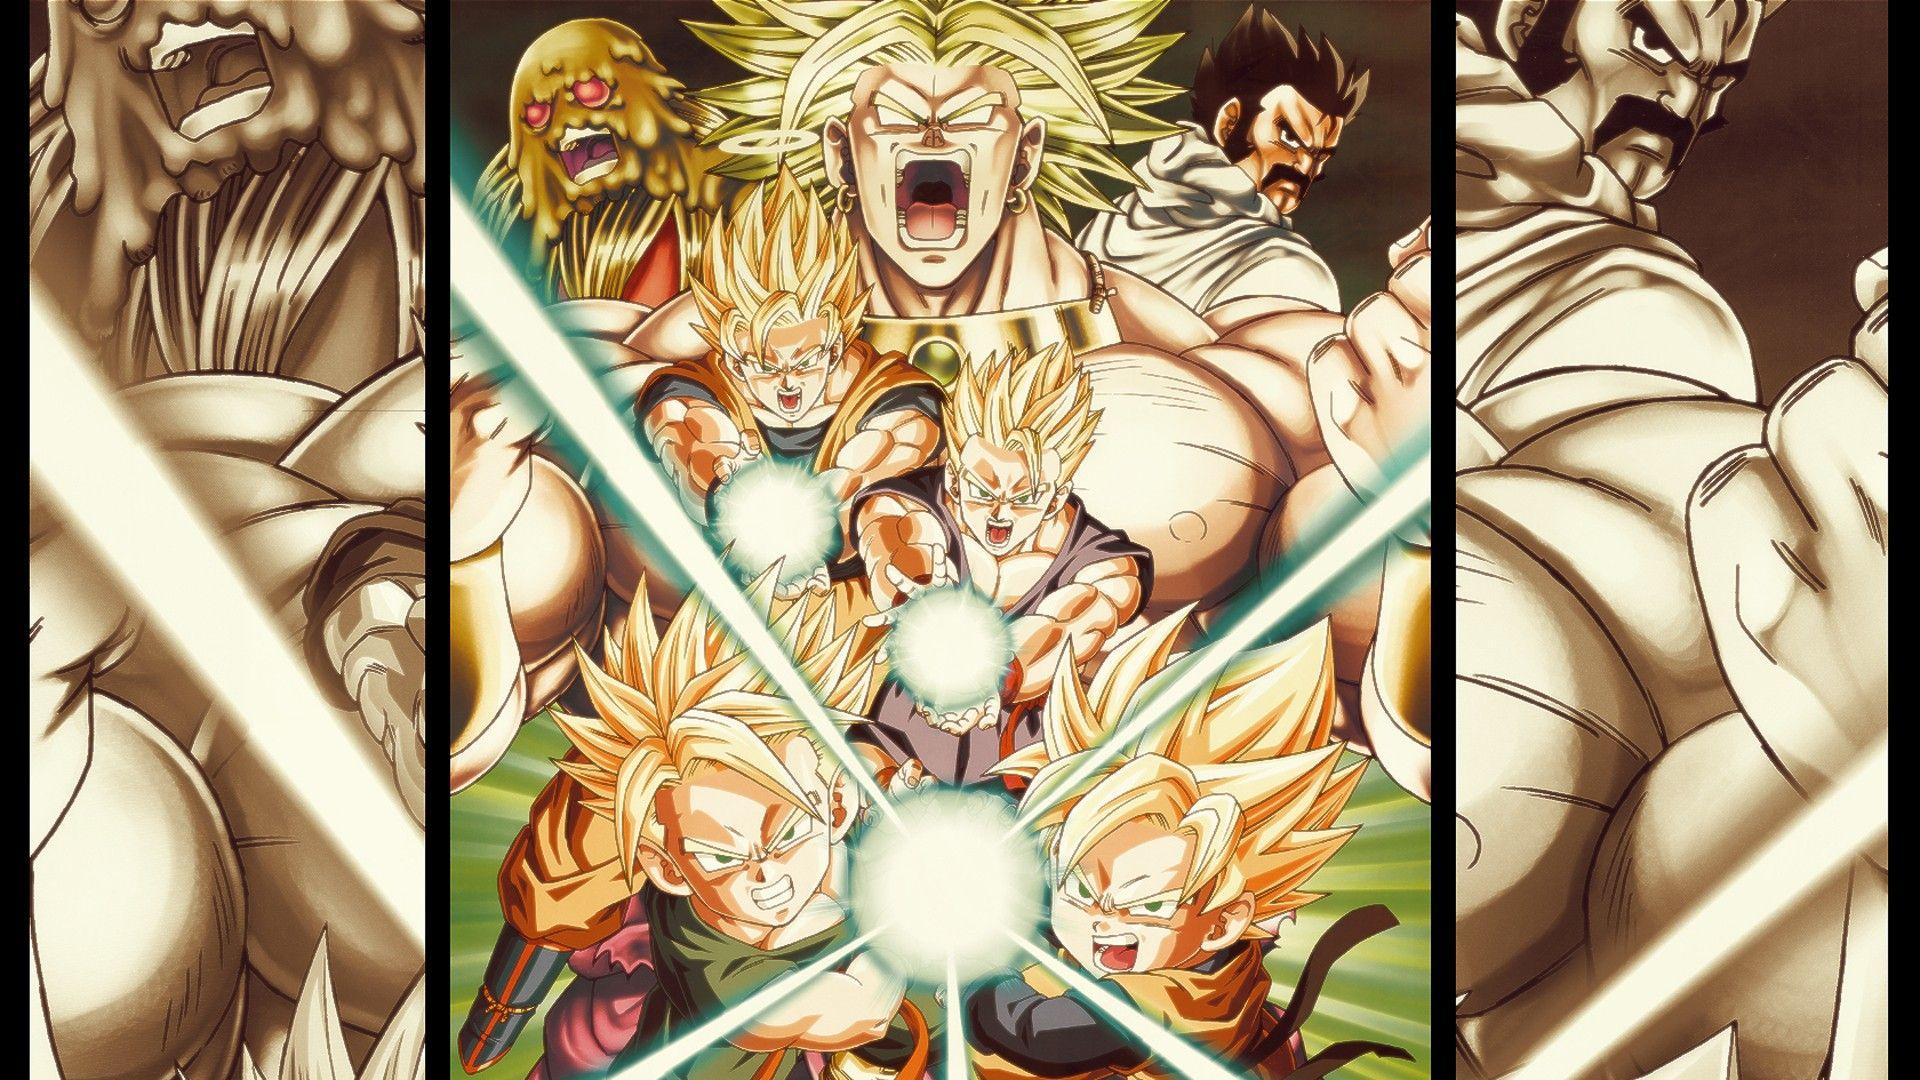 Dragon Ball Z Hd Wallpaper 1920x1080 Dragon Ball Super Wallpapers Dragon Ball Z Anime Dragon Ball